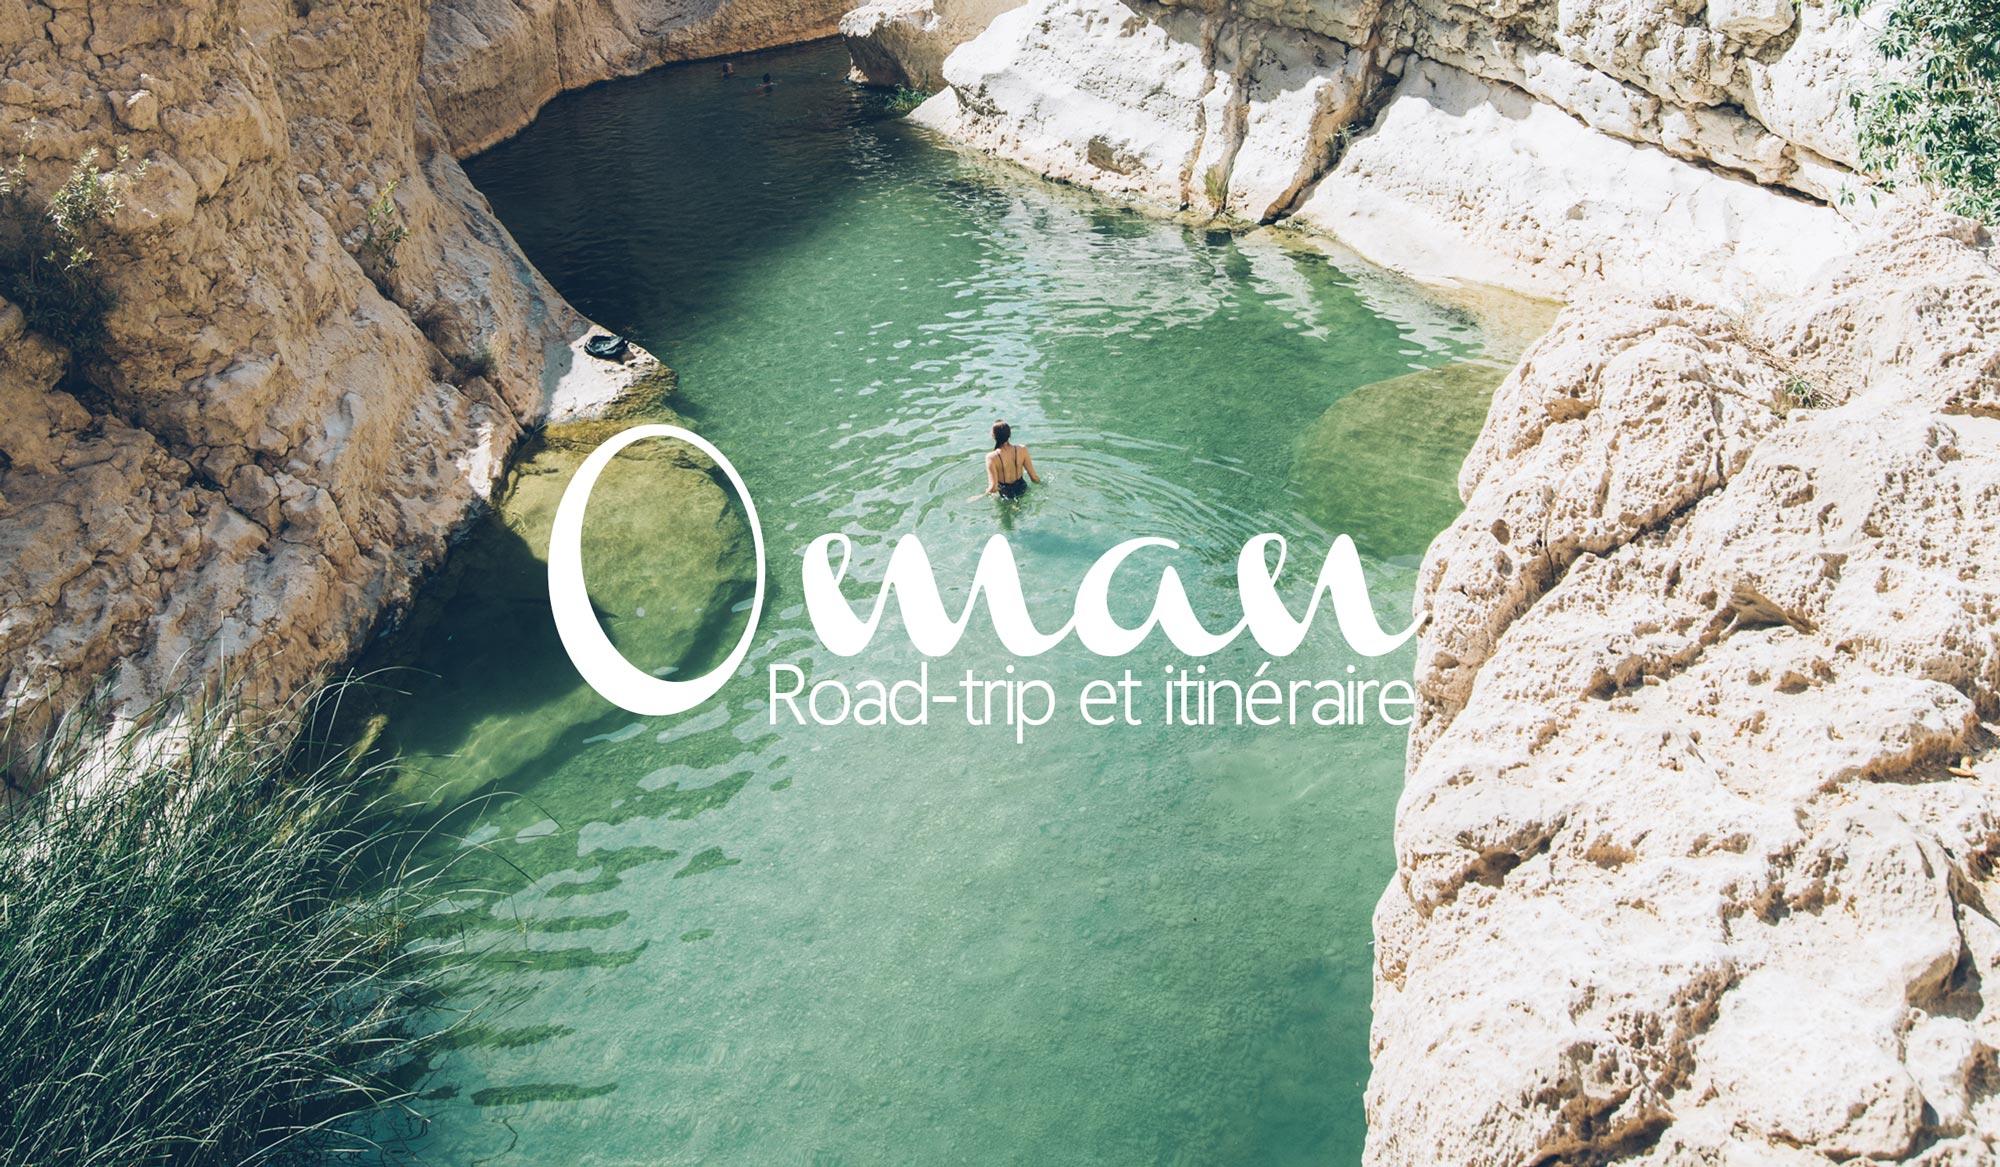 Road-trip en Oman d'une semaine, Bestjobers Blog Voyage